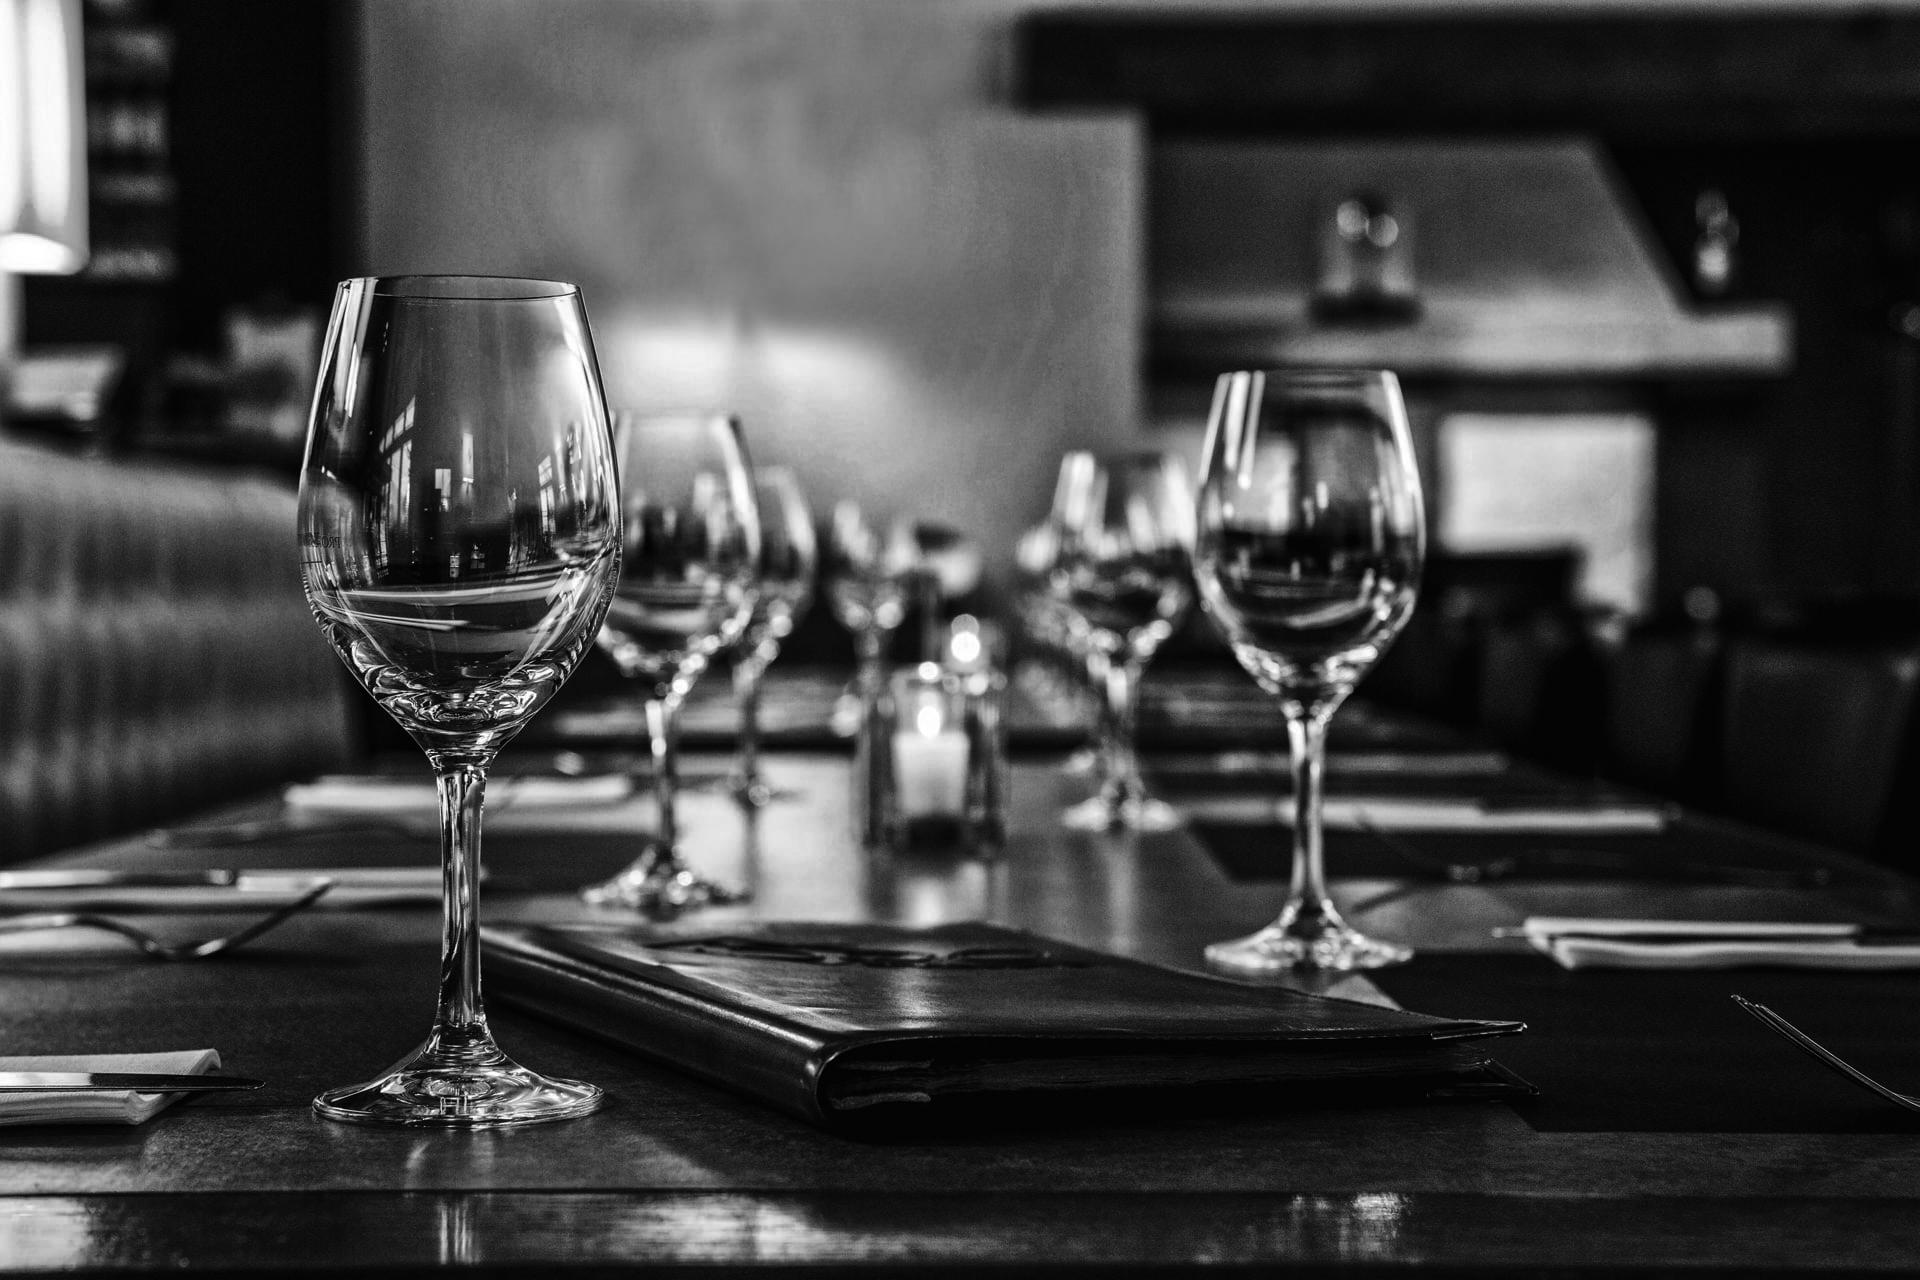 Grand Café - Brasserie 500